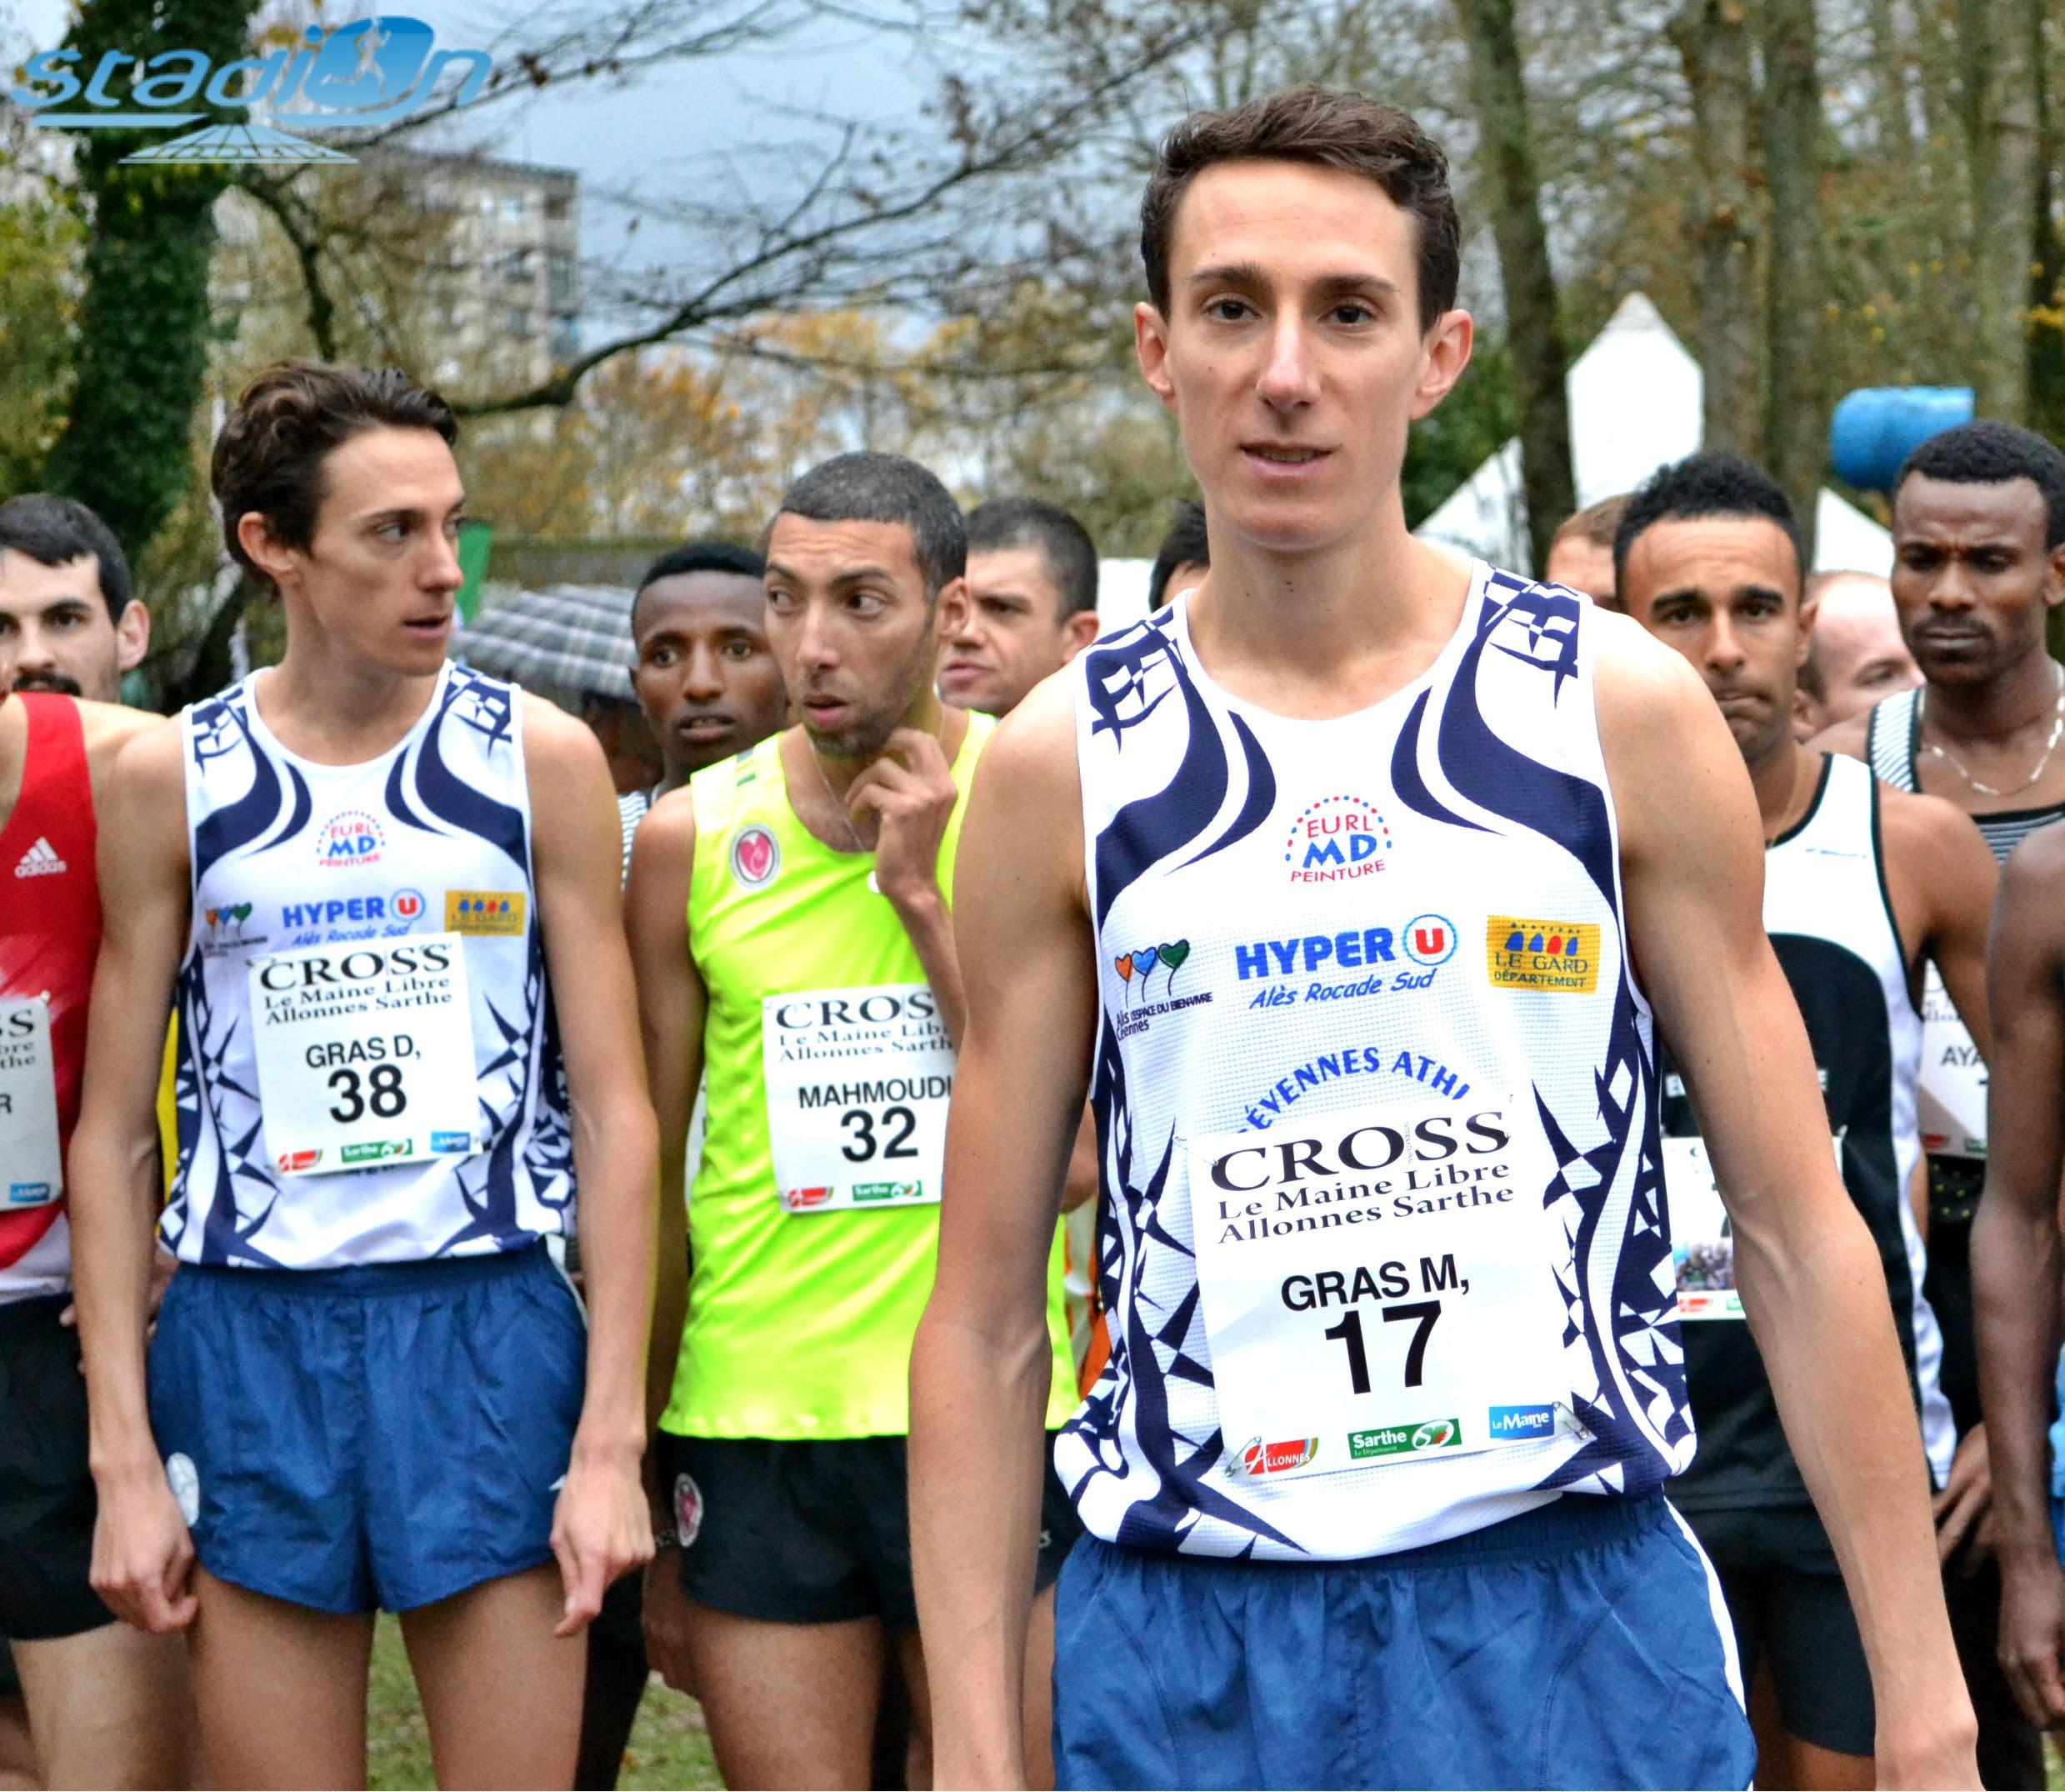 Championnats d'Europe de cross-country : Les Bleus prêts à en découdre